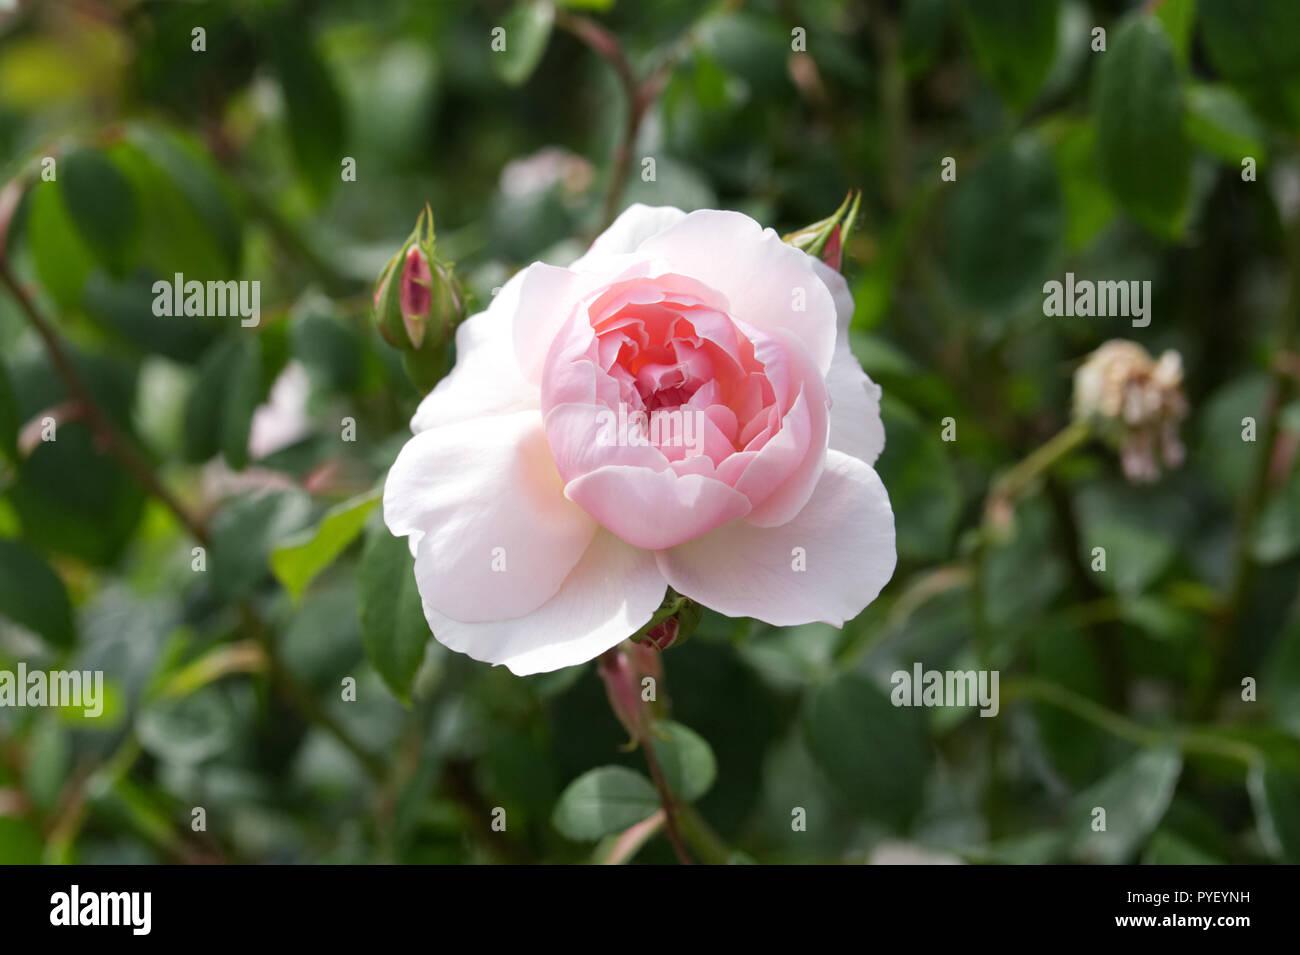 Rosa The Generous Gardener 'Ausdrawn' flowers. - Stock Image